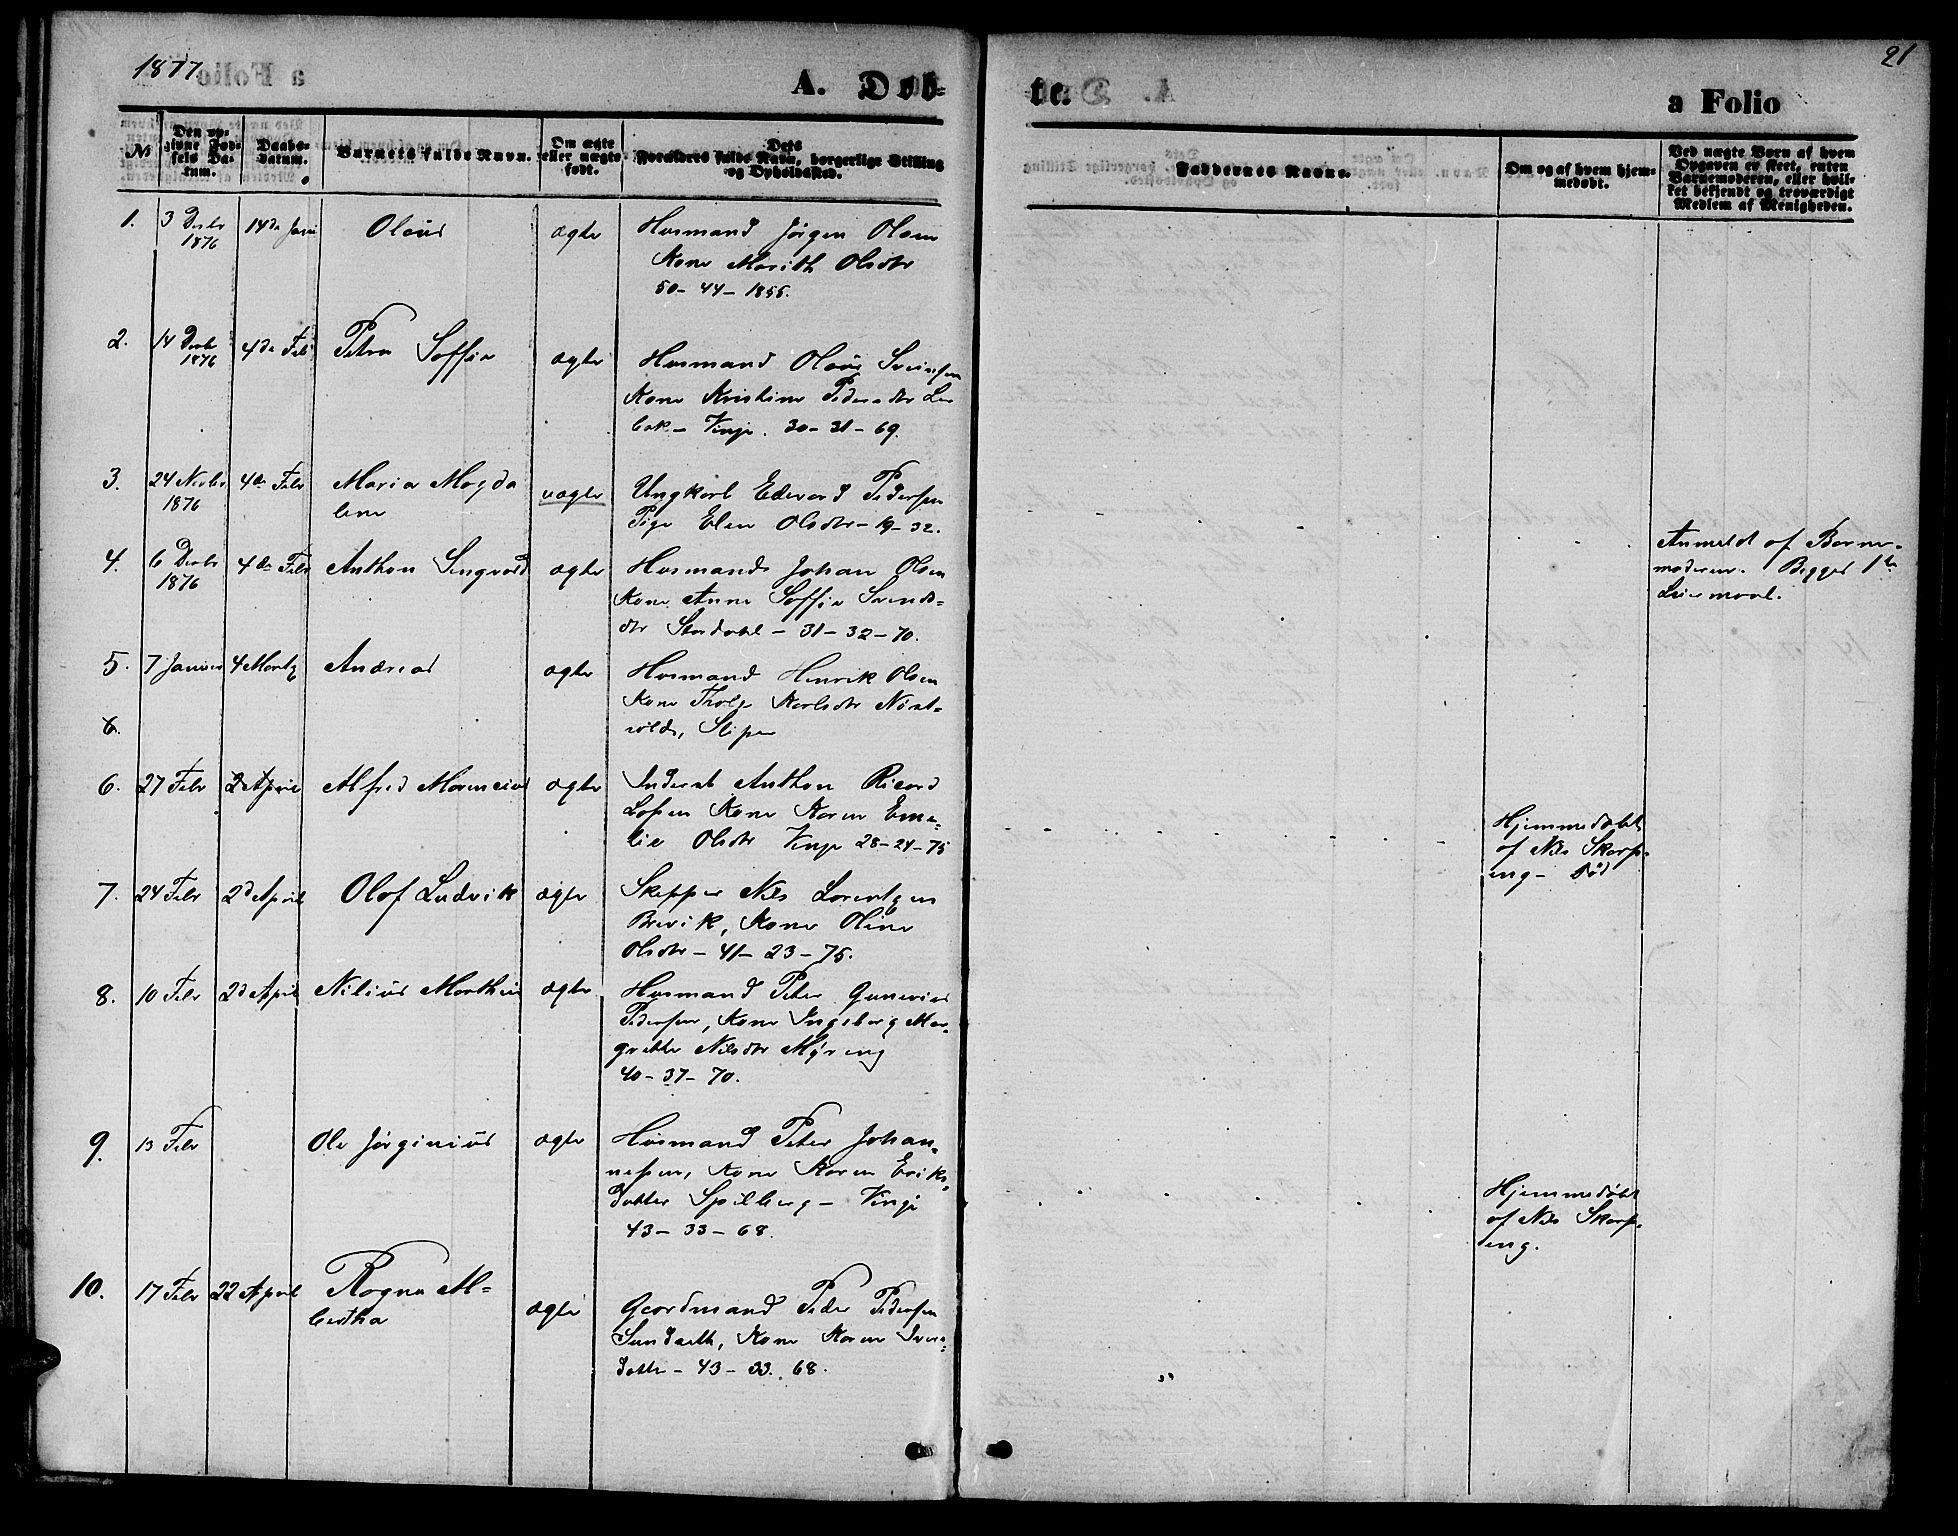 SAT, Ministerialprotokoller, klokkerbøker og fødselsregistre - Nord-Trøndelag, 733/L0326: Klokkerbok nr. 733C01, 1871-1887, s. 21